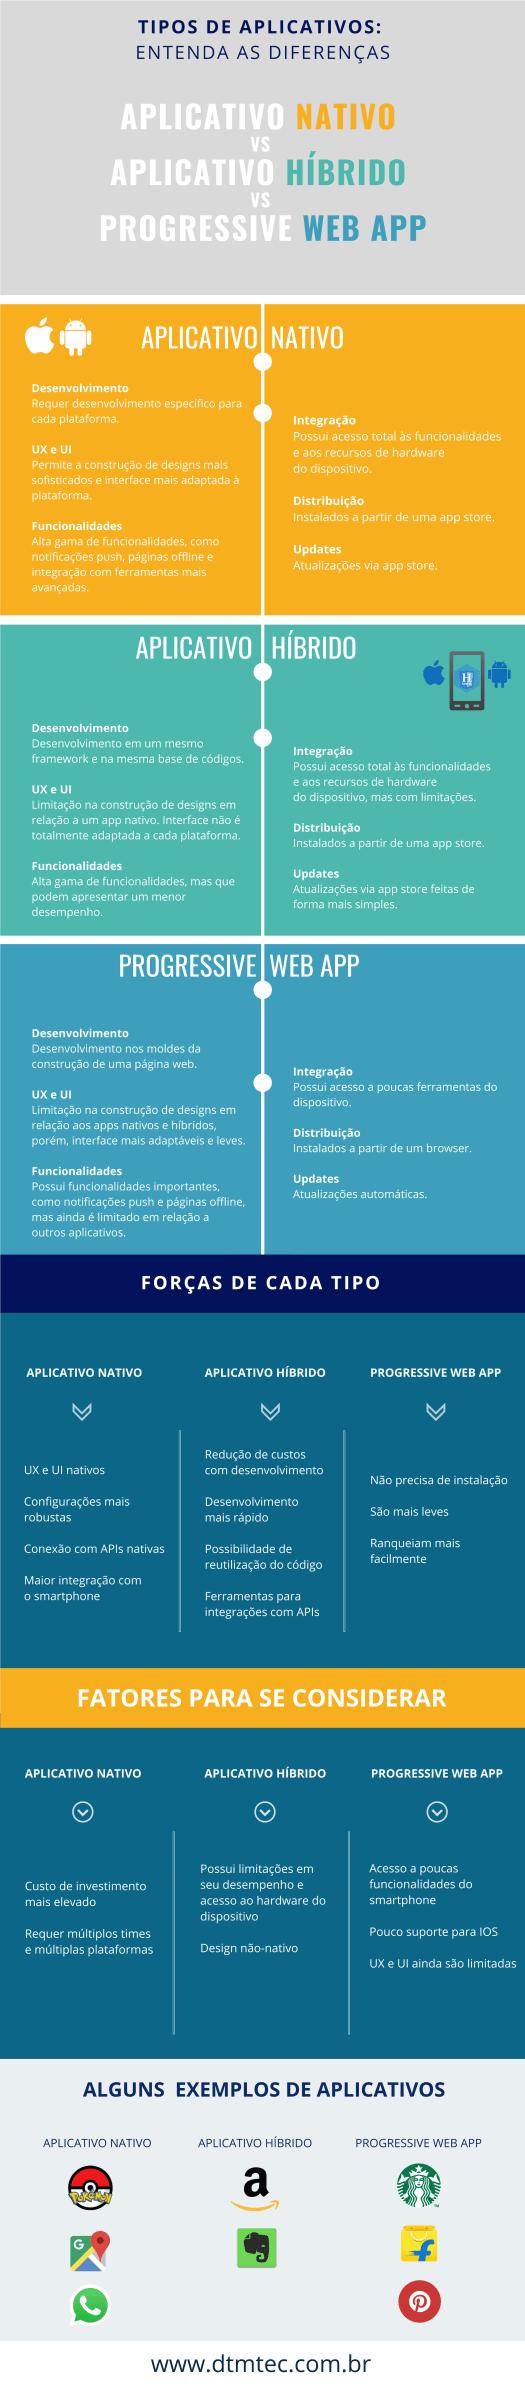 qual o melhor infográfico aplicativo nativo vs hibrido vs pwa